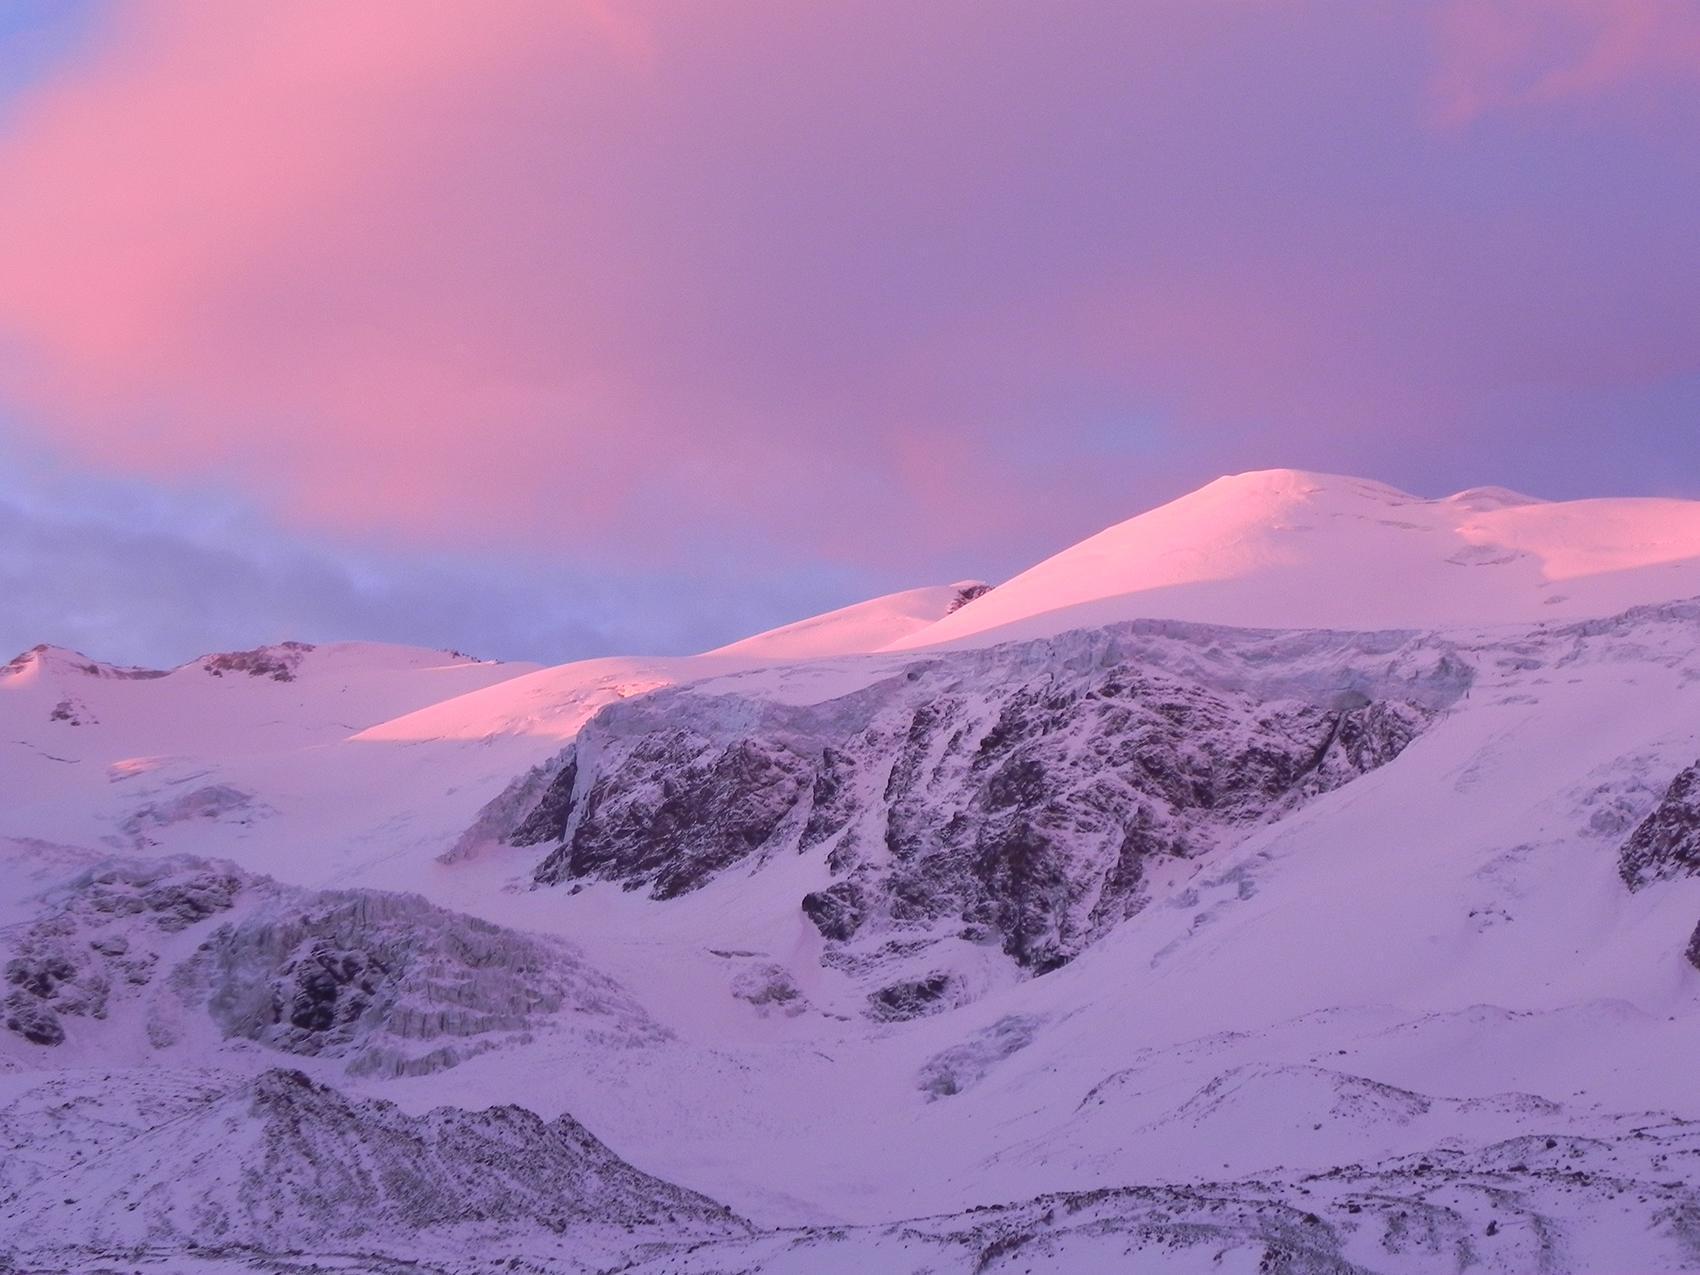 Hacia el Norte de Plaza de Mulas el sol pinta las nieves y el glaciar del cerro Cuerno.